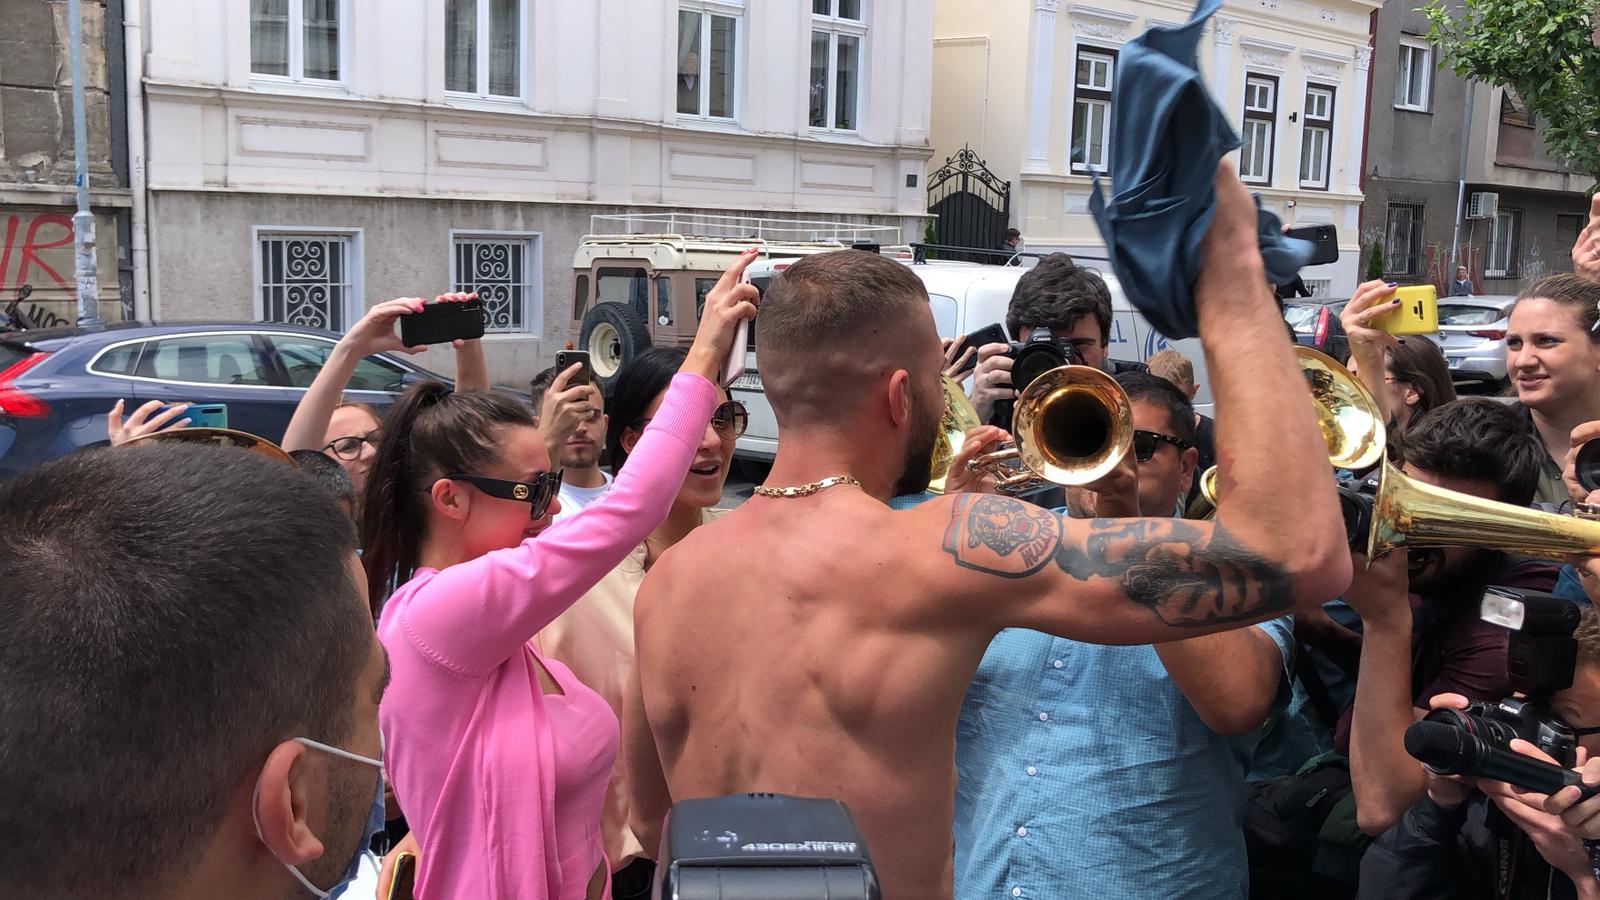 Slavlje ispred porodilišta: Veljko nag do pojasa ne gleda koliko para daje trubačima! (VIDEO)